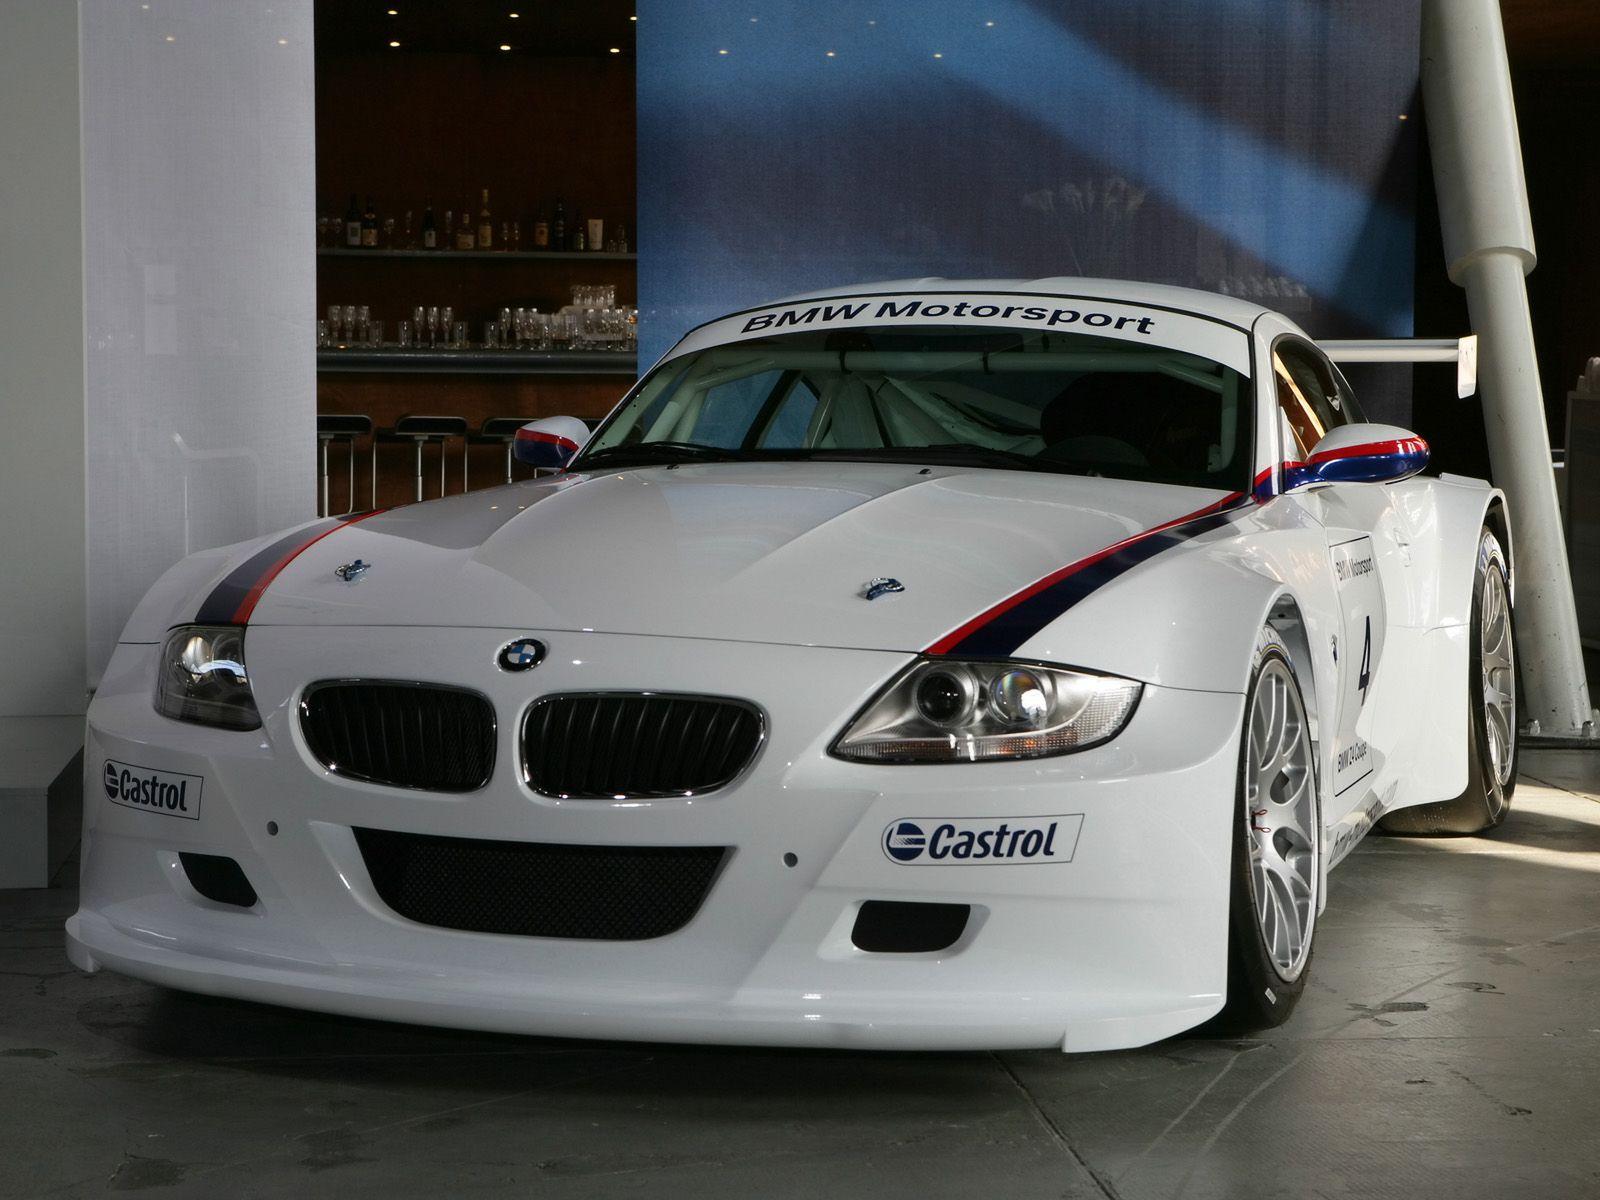 2006 BMW Z4 M Coupé Motorsport Imagen | BMW | Pinterest | Bmw z4 ...